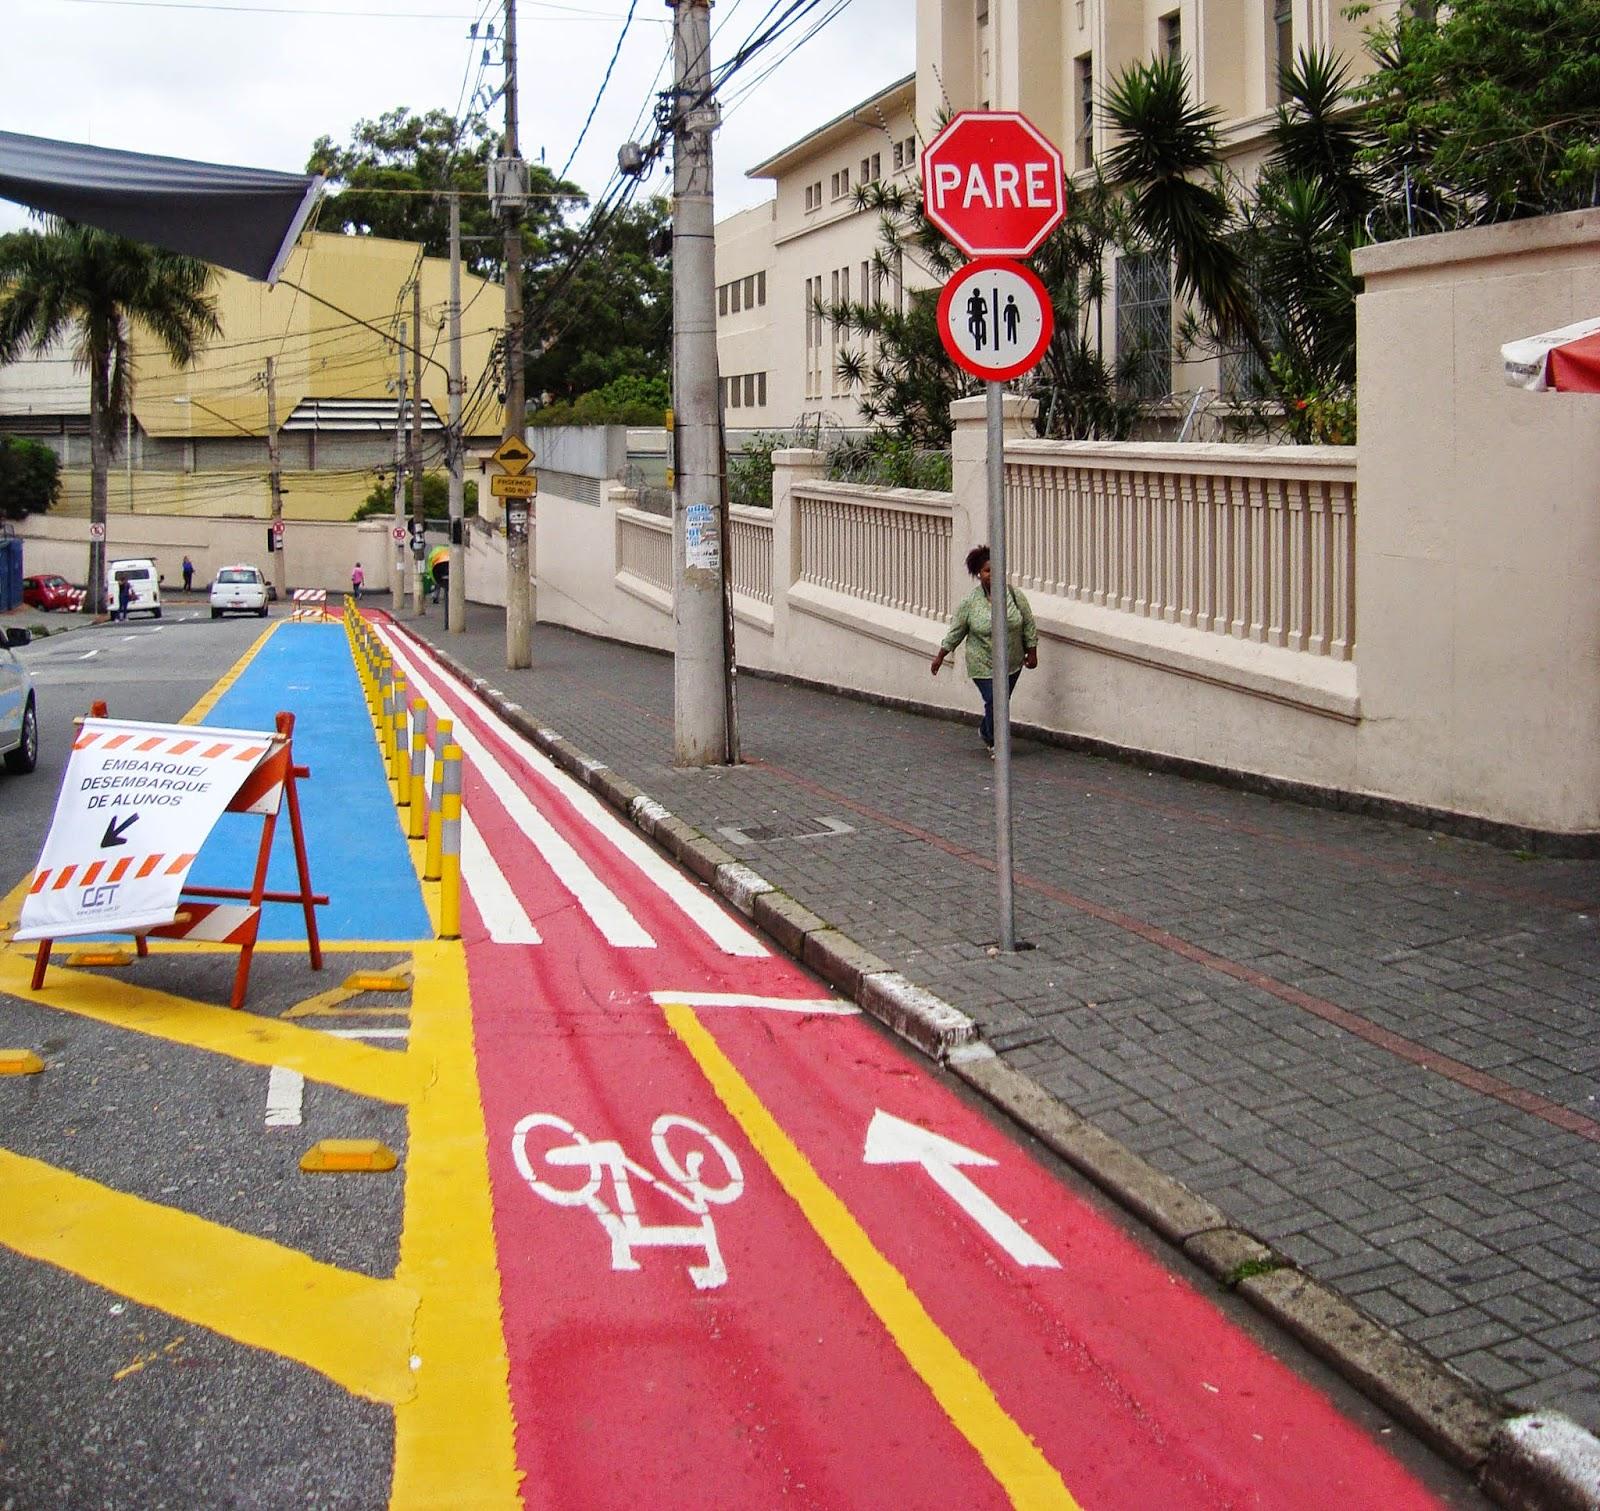 Ciclovia da Rua Madre Cabrini - detalhe para sinalização vertical de parada obrigatória, orientando o ciclista